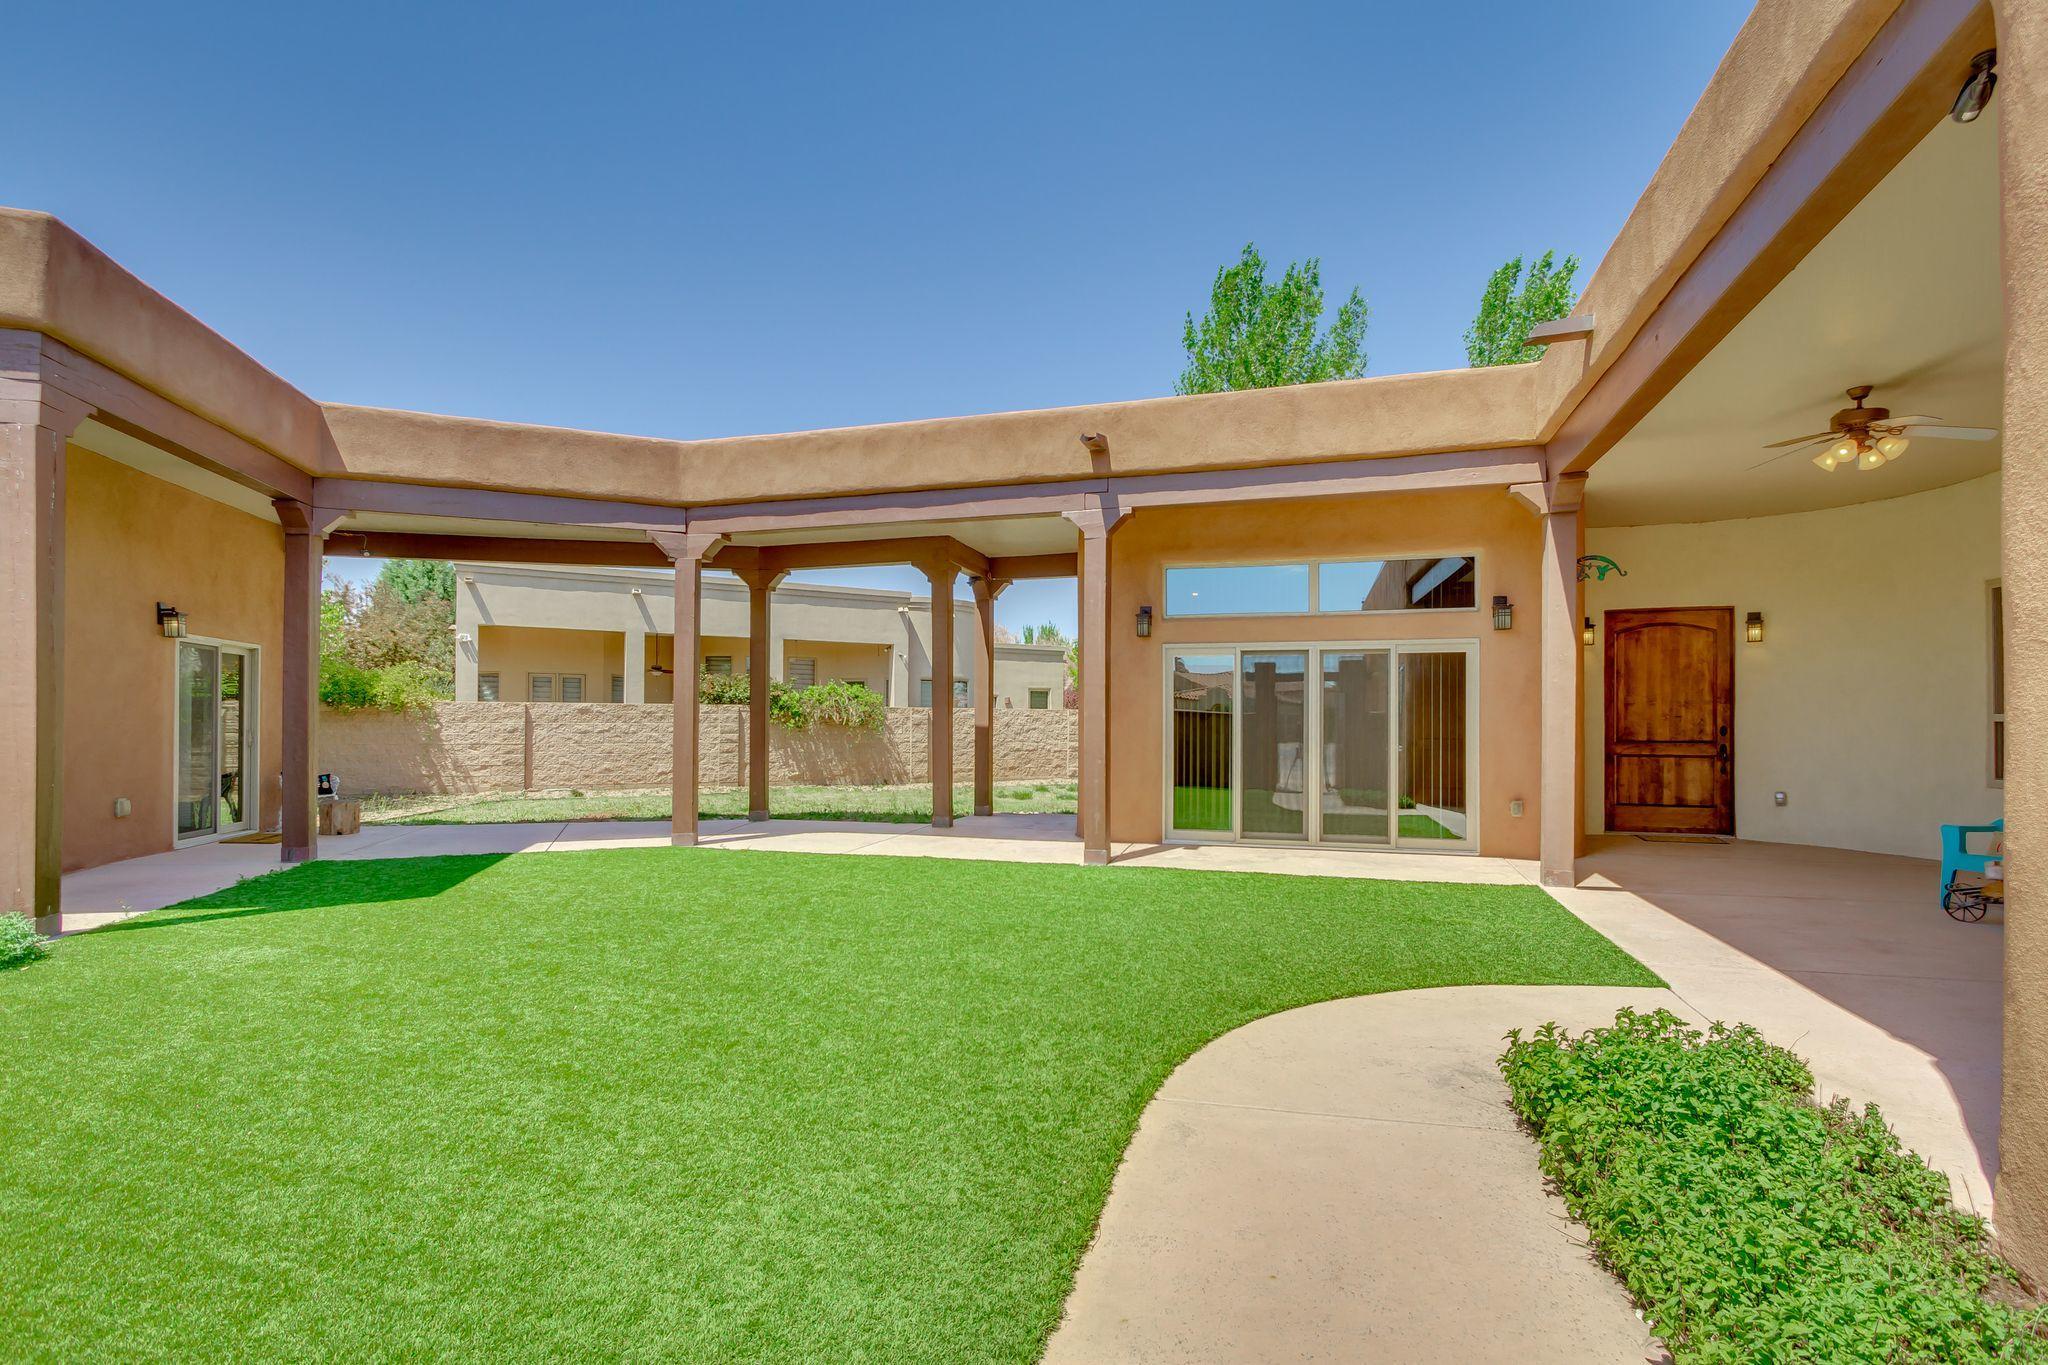 310 PLAZA CONSUELO, Bernalillo, NM 87004 - Bernalillo, NM real estate listing